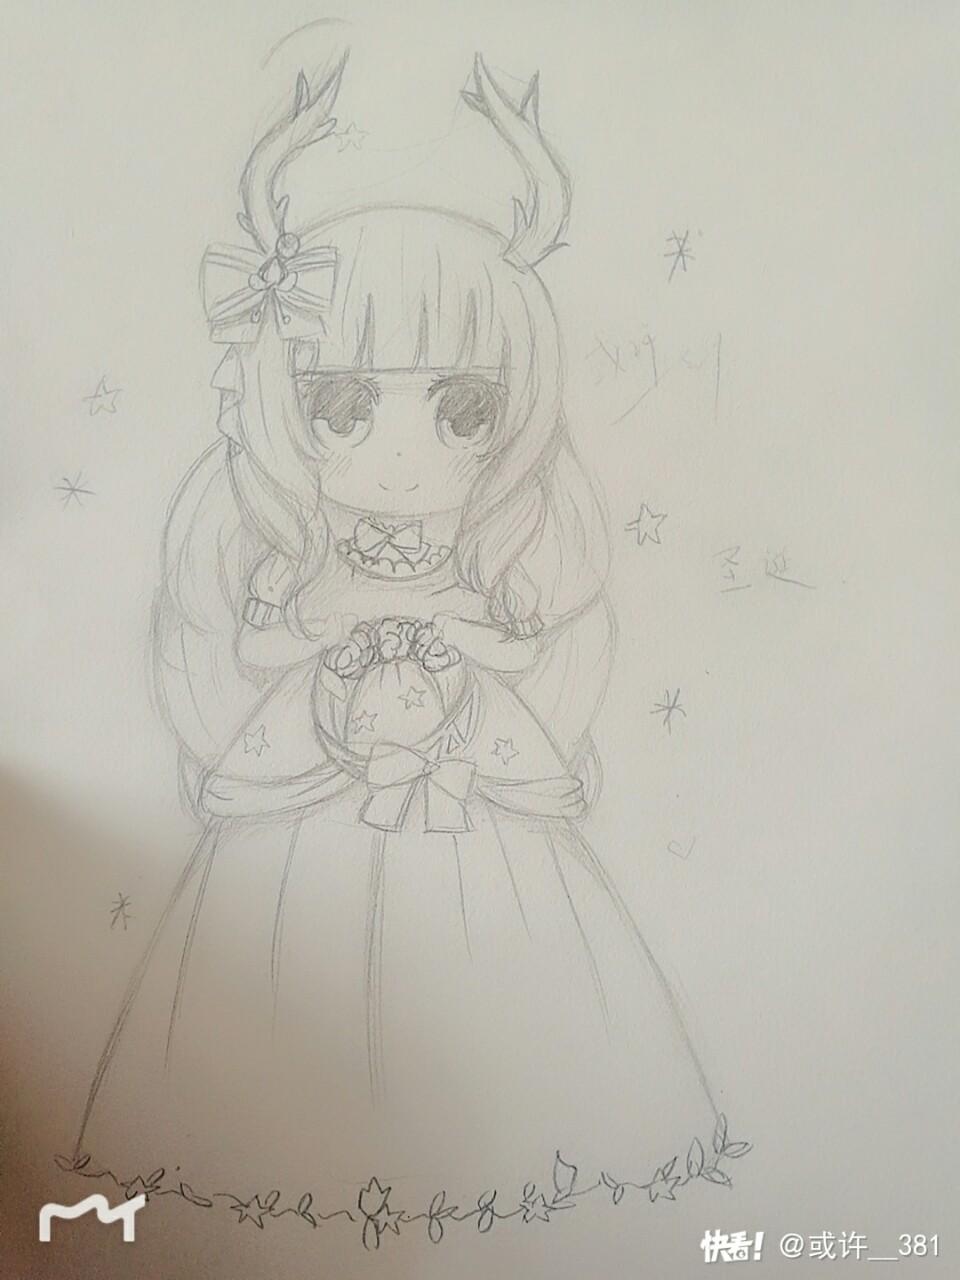 叶罗丽精灵梦之月公主的恋情__d259_d349图片